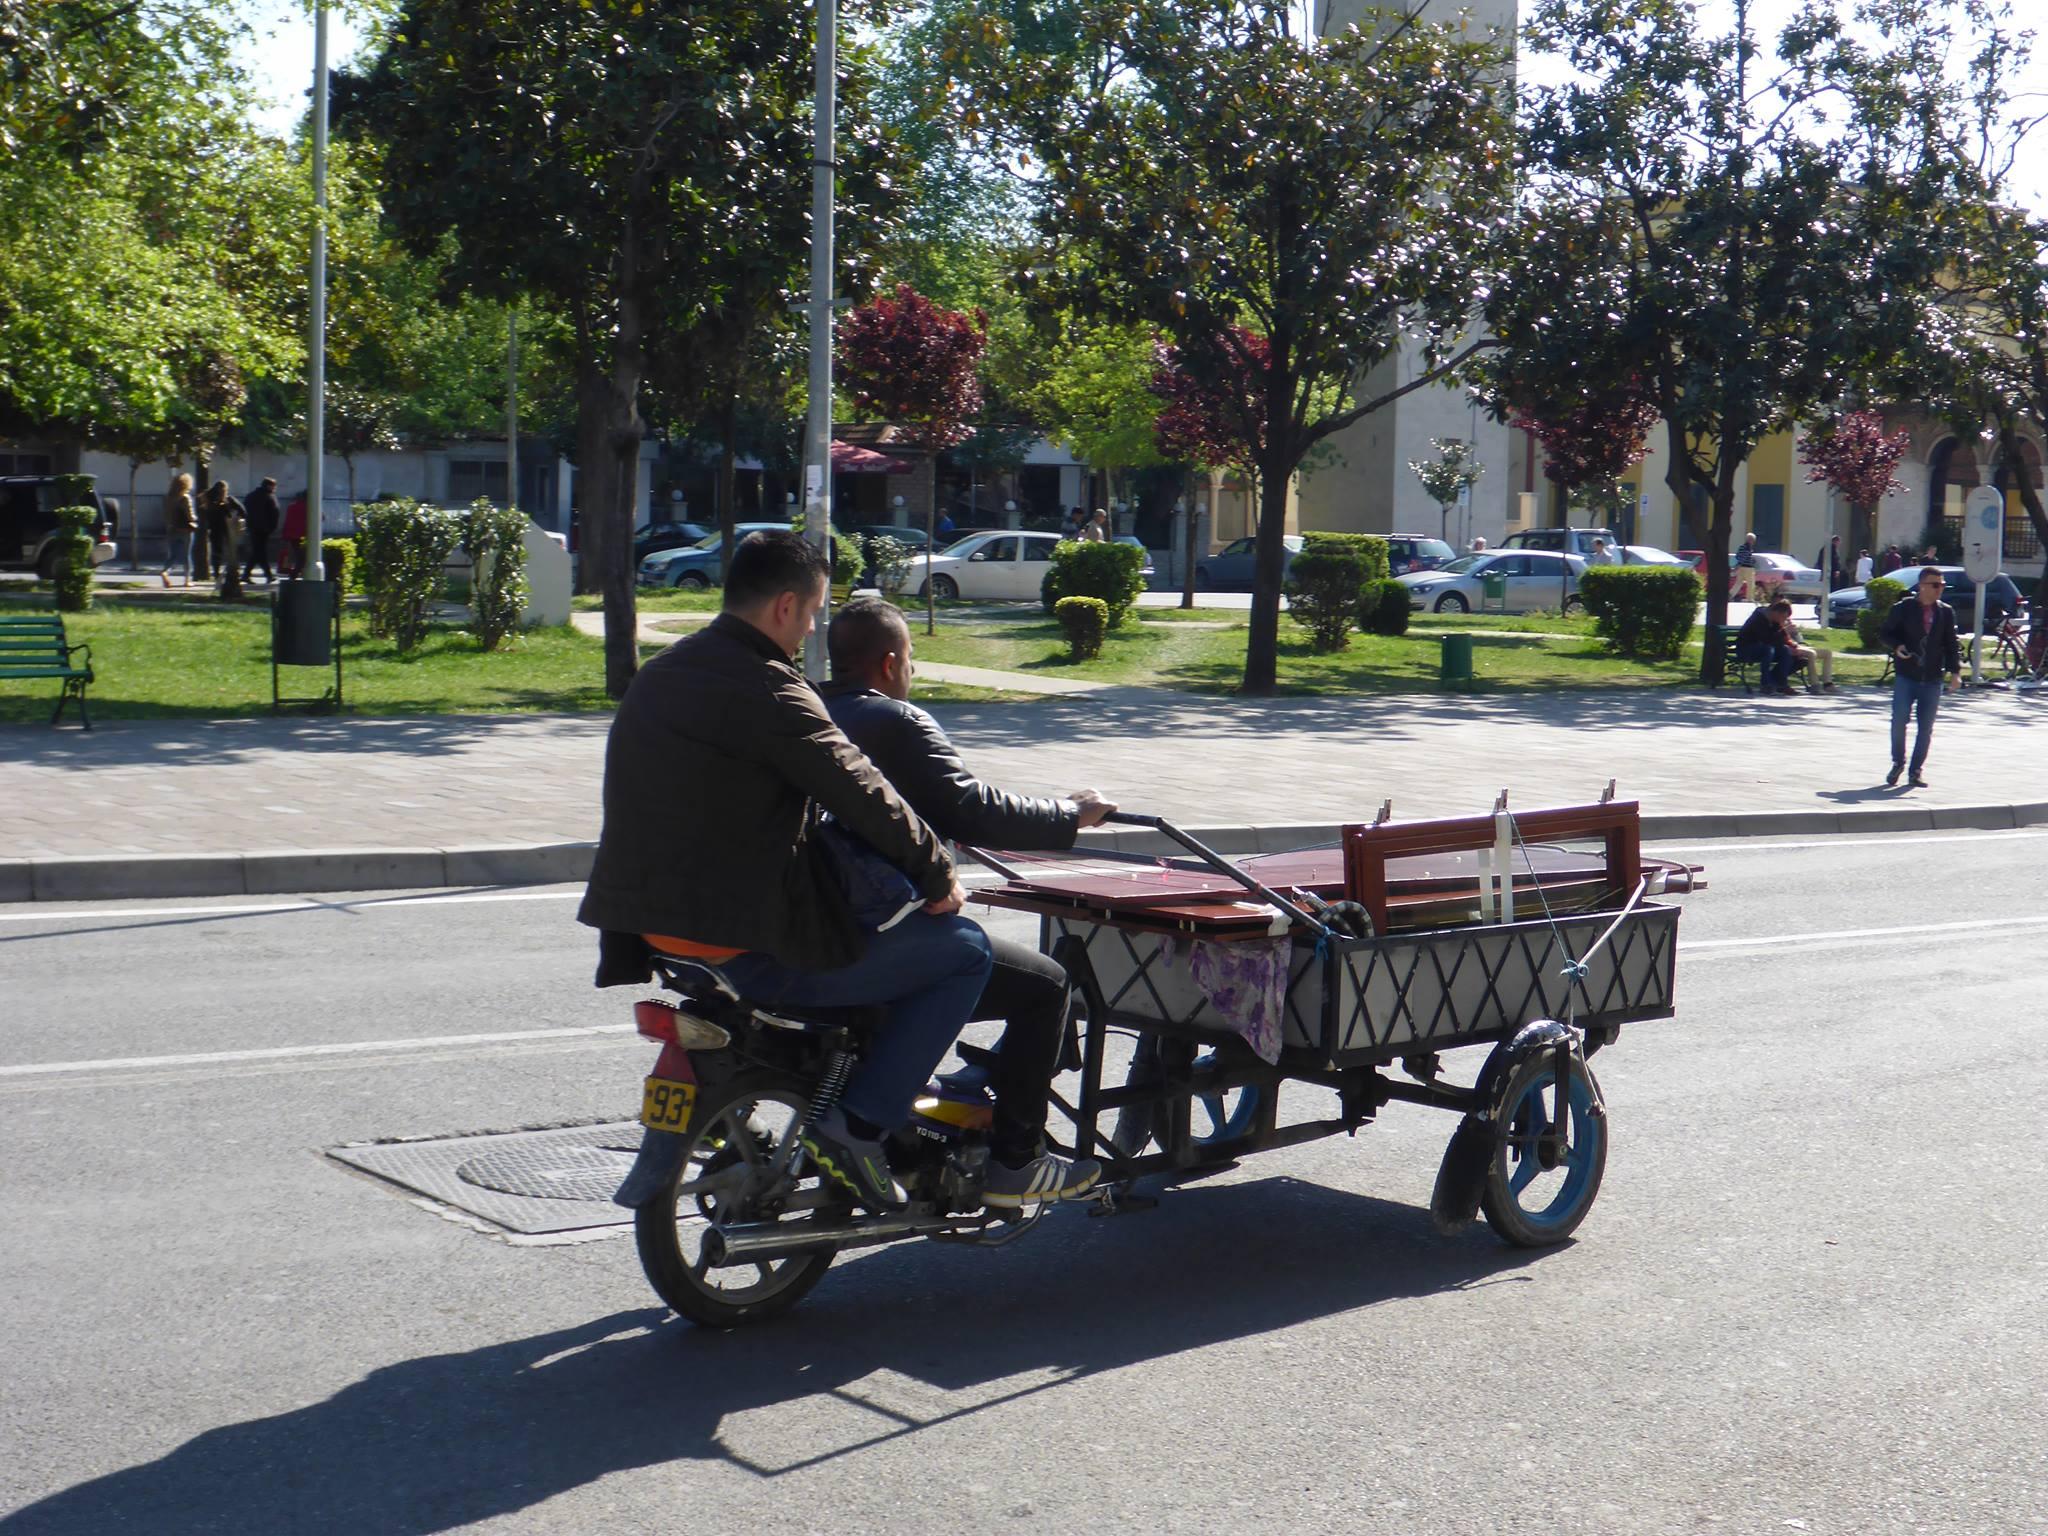 Cet engin se trouve plus facilement que les scooters